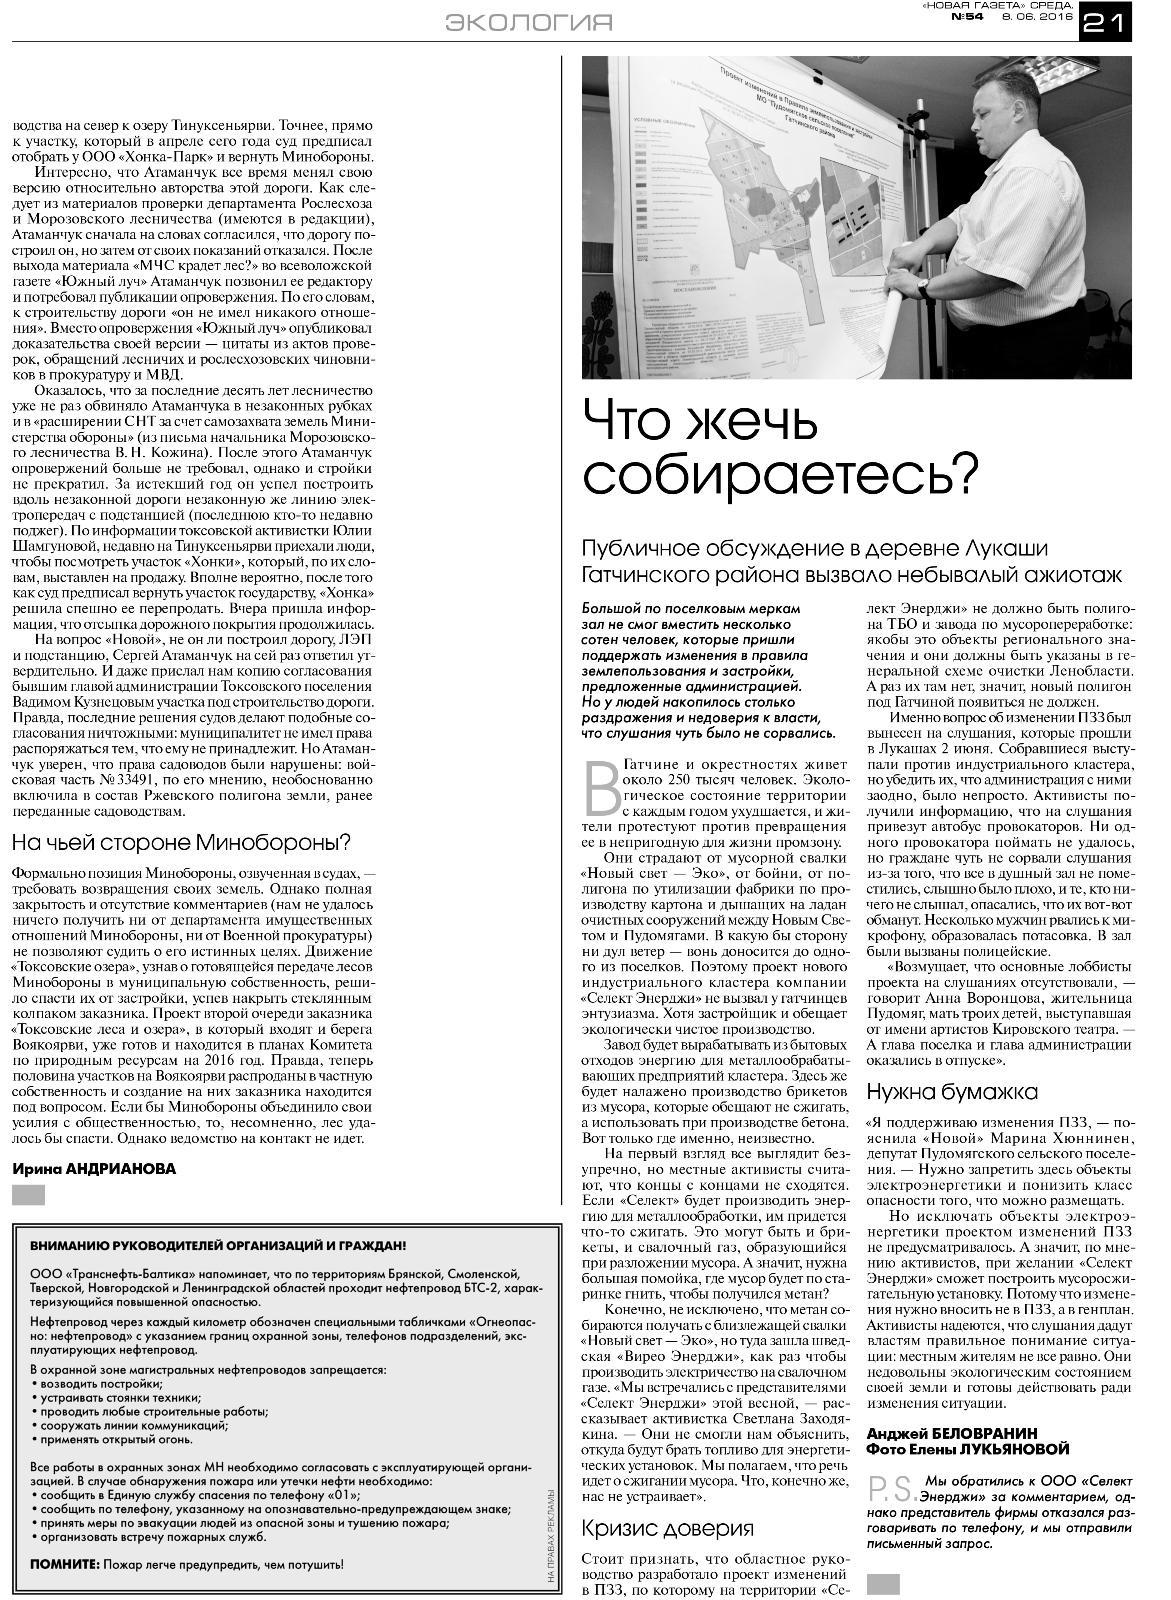 Новая газета №54 от 08 июня 2016 года